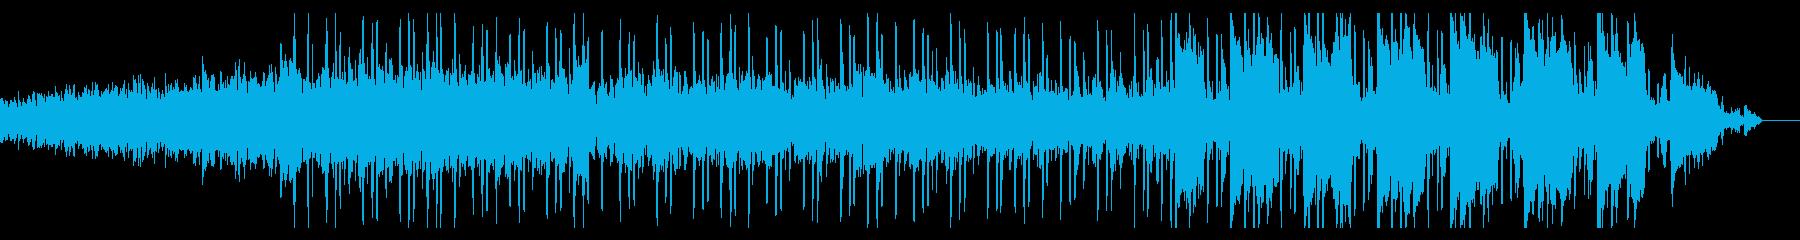 短めの幻想的なトラップミュージックの再生済みの波形